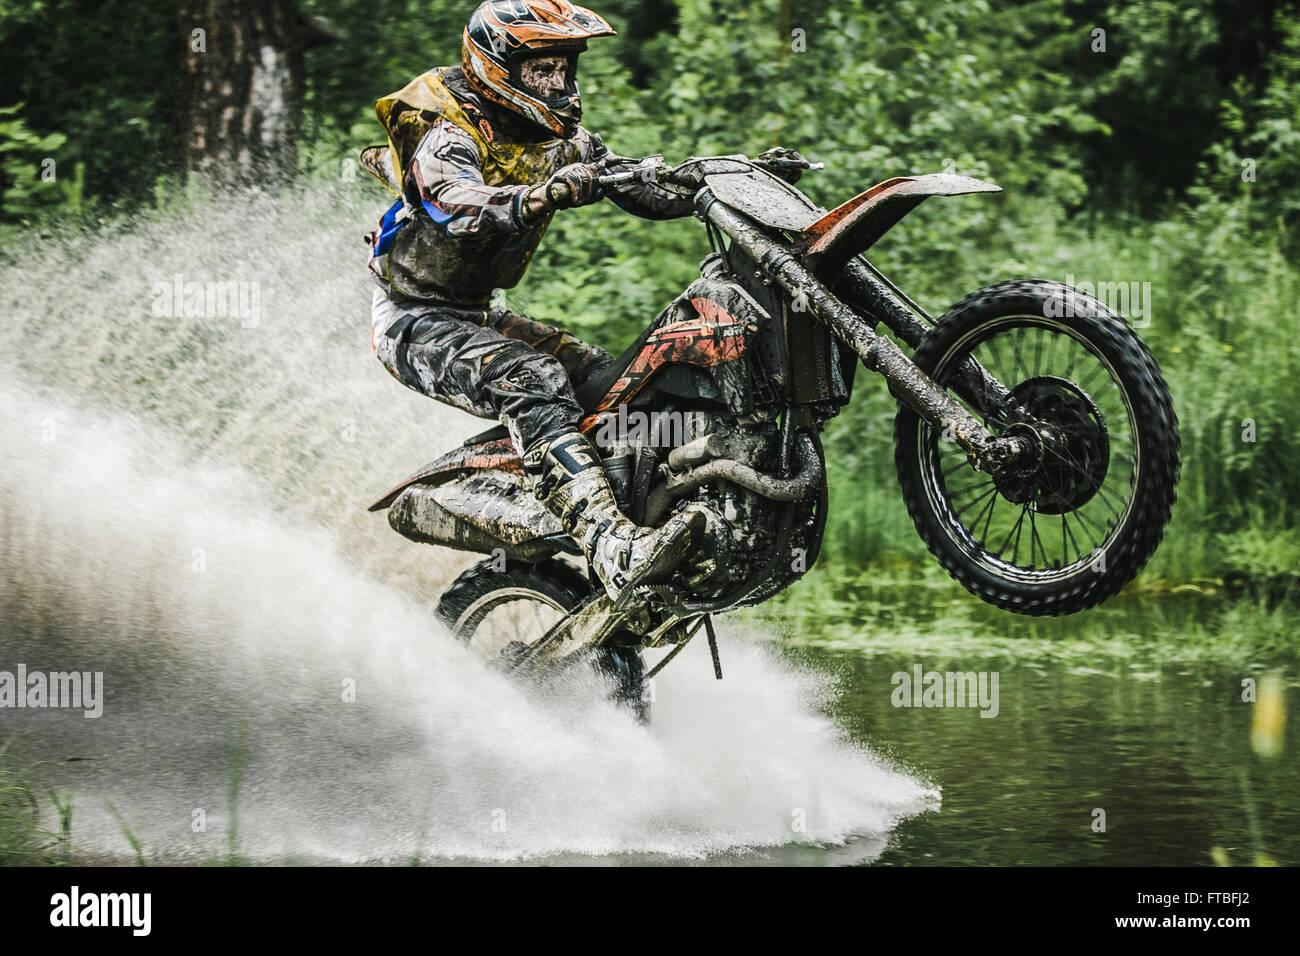 """Motocross-Fahrer unter den Spray von Wasser während des Rennens Ural Cup Enduro """"Stein Gürtel 2015"""" Stockbild"""